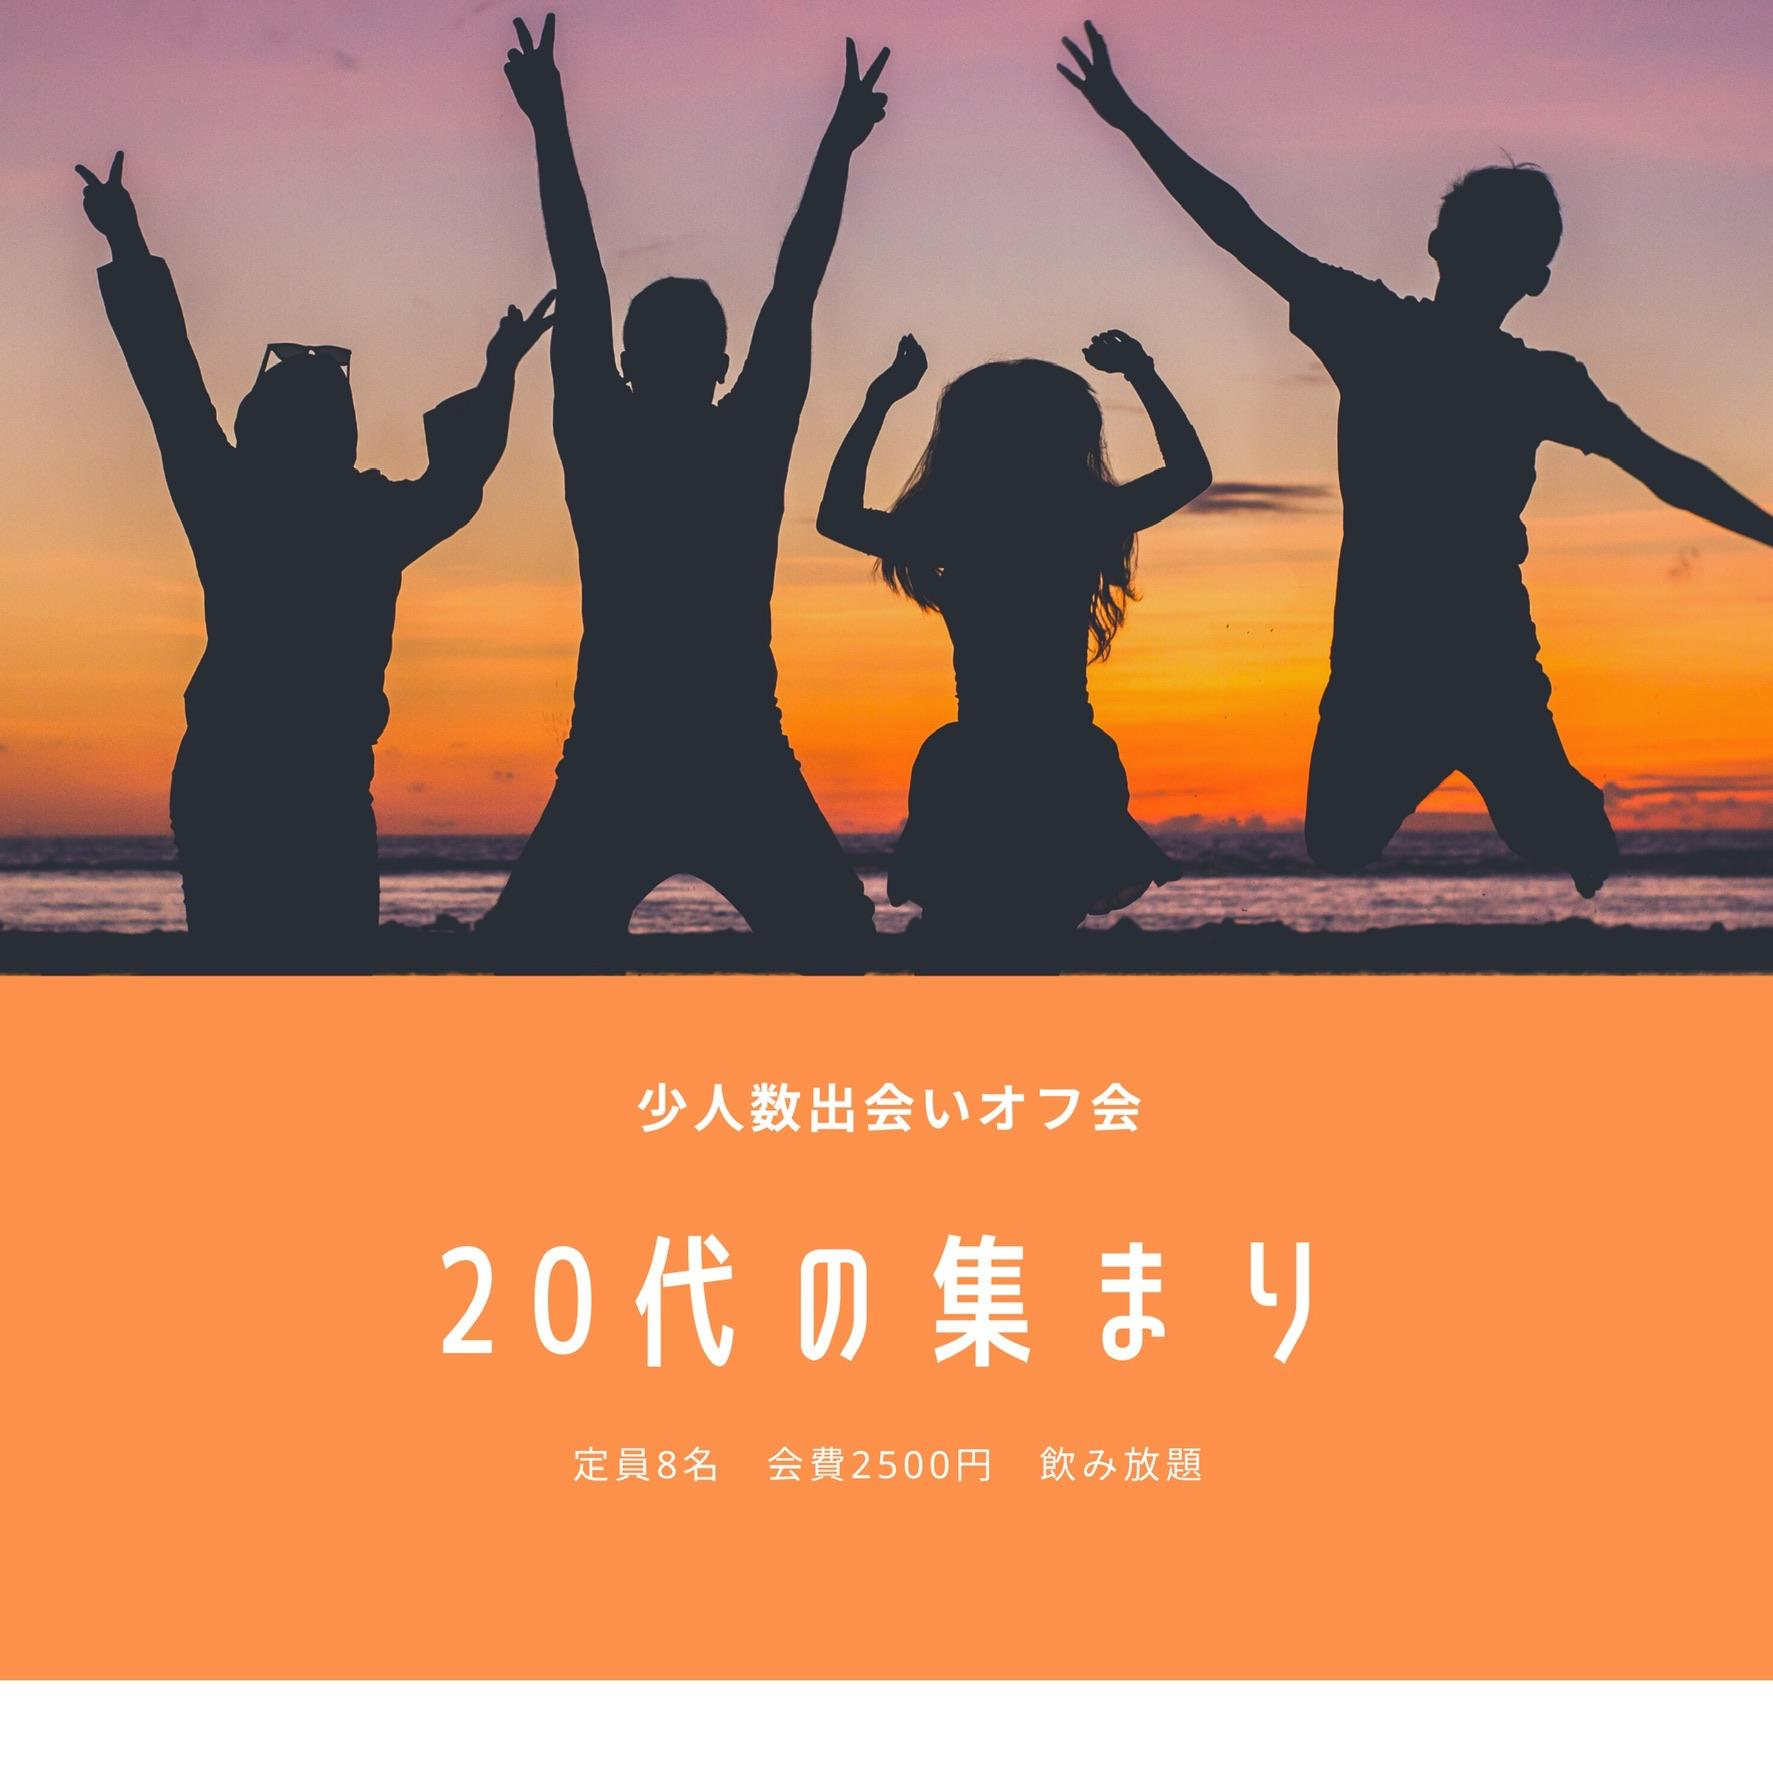 【大阪】20代少人数出会いオフ会